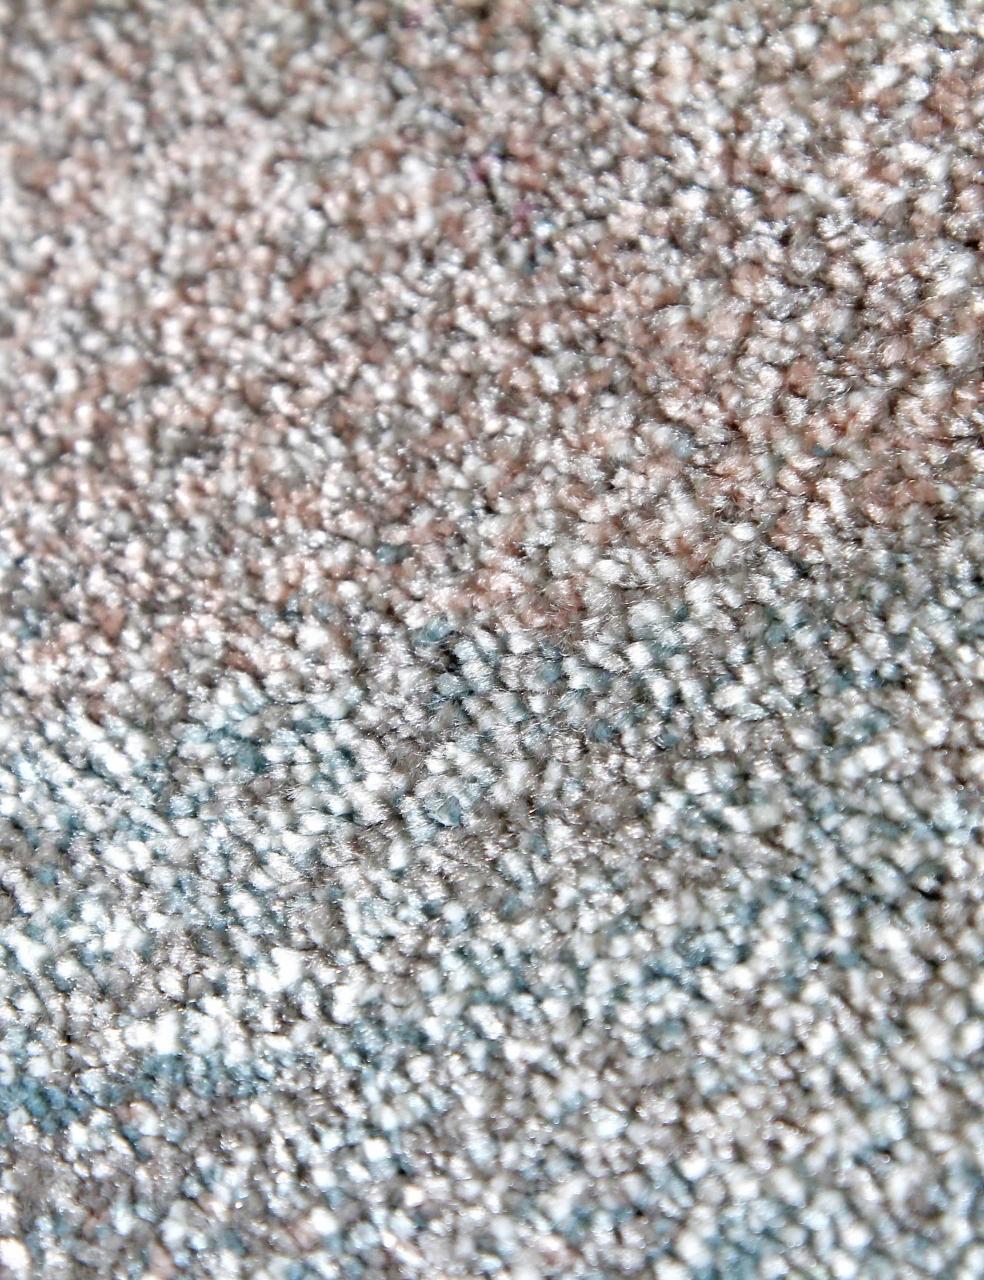 Ковер 2368 - LIGHT GRAY - Прямоугольник - коллекция SOFIT - фото 4